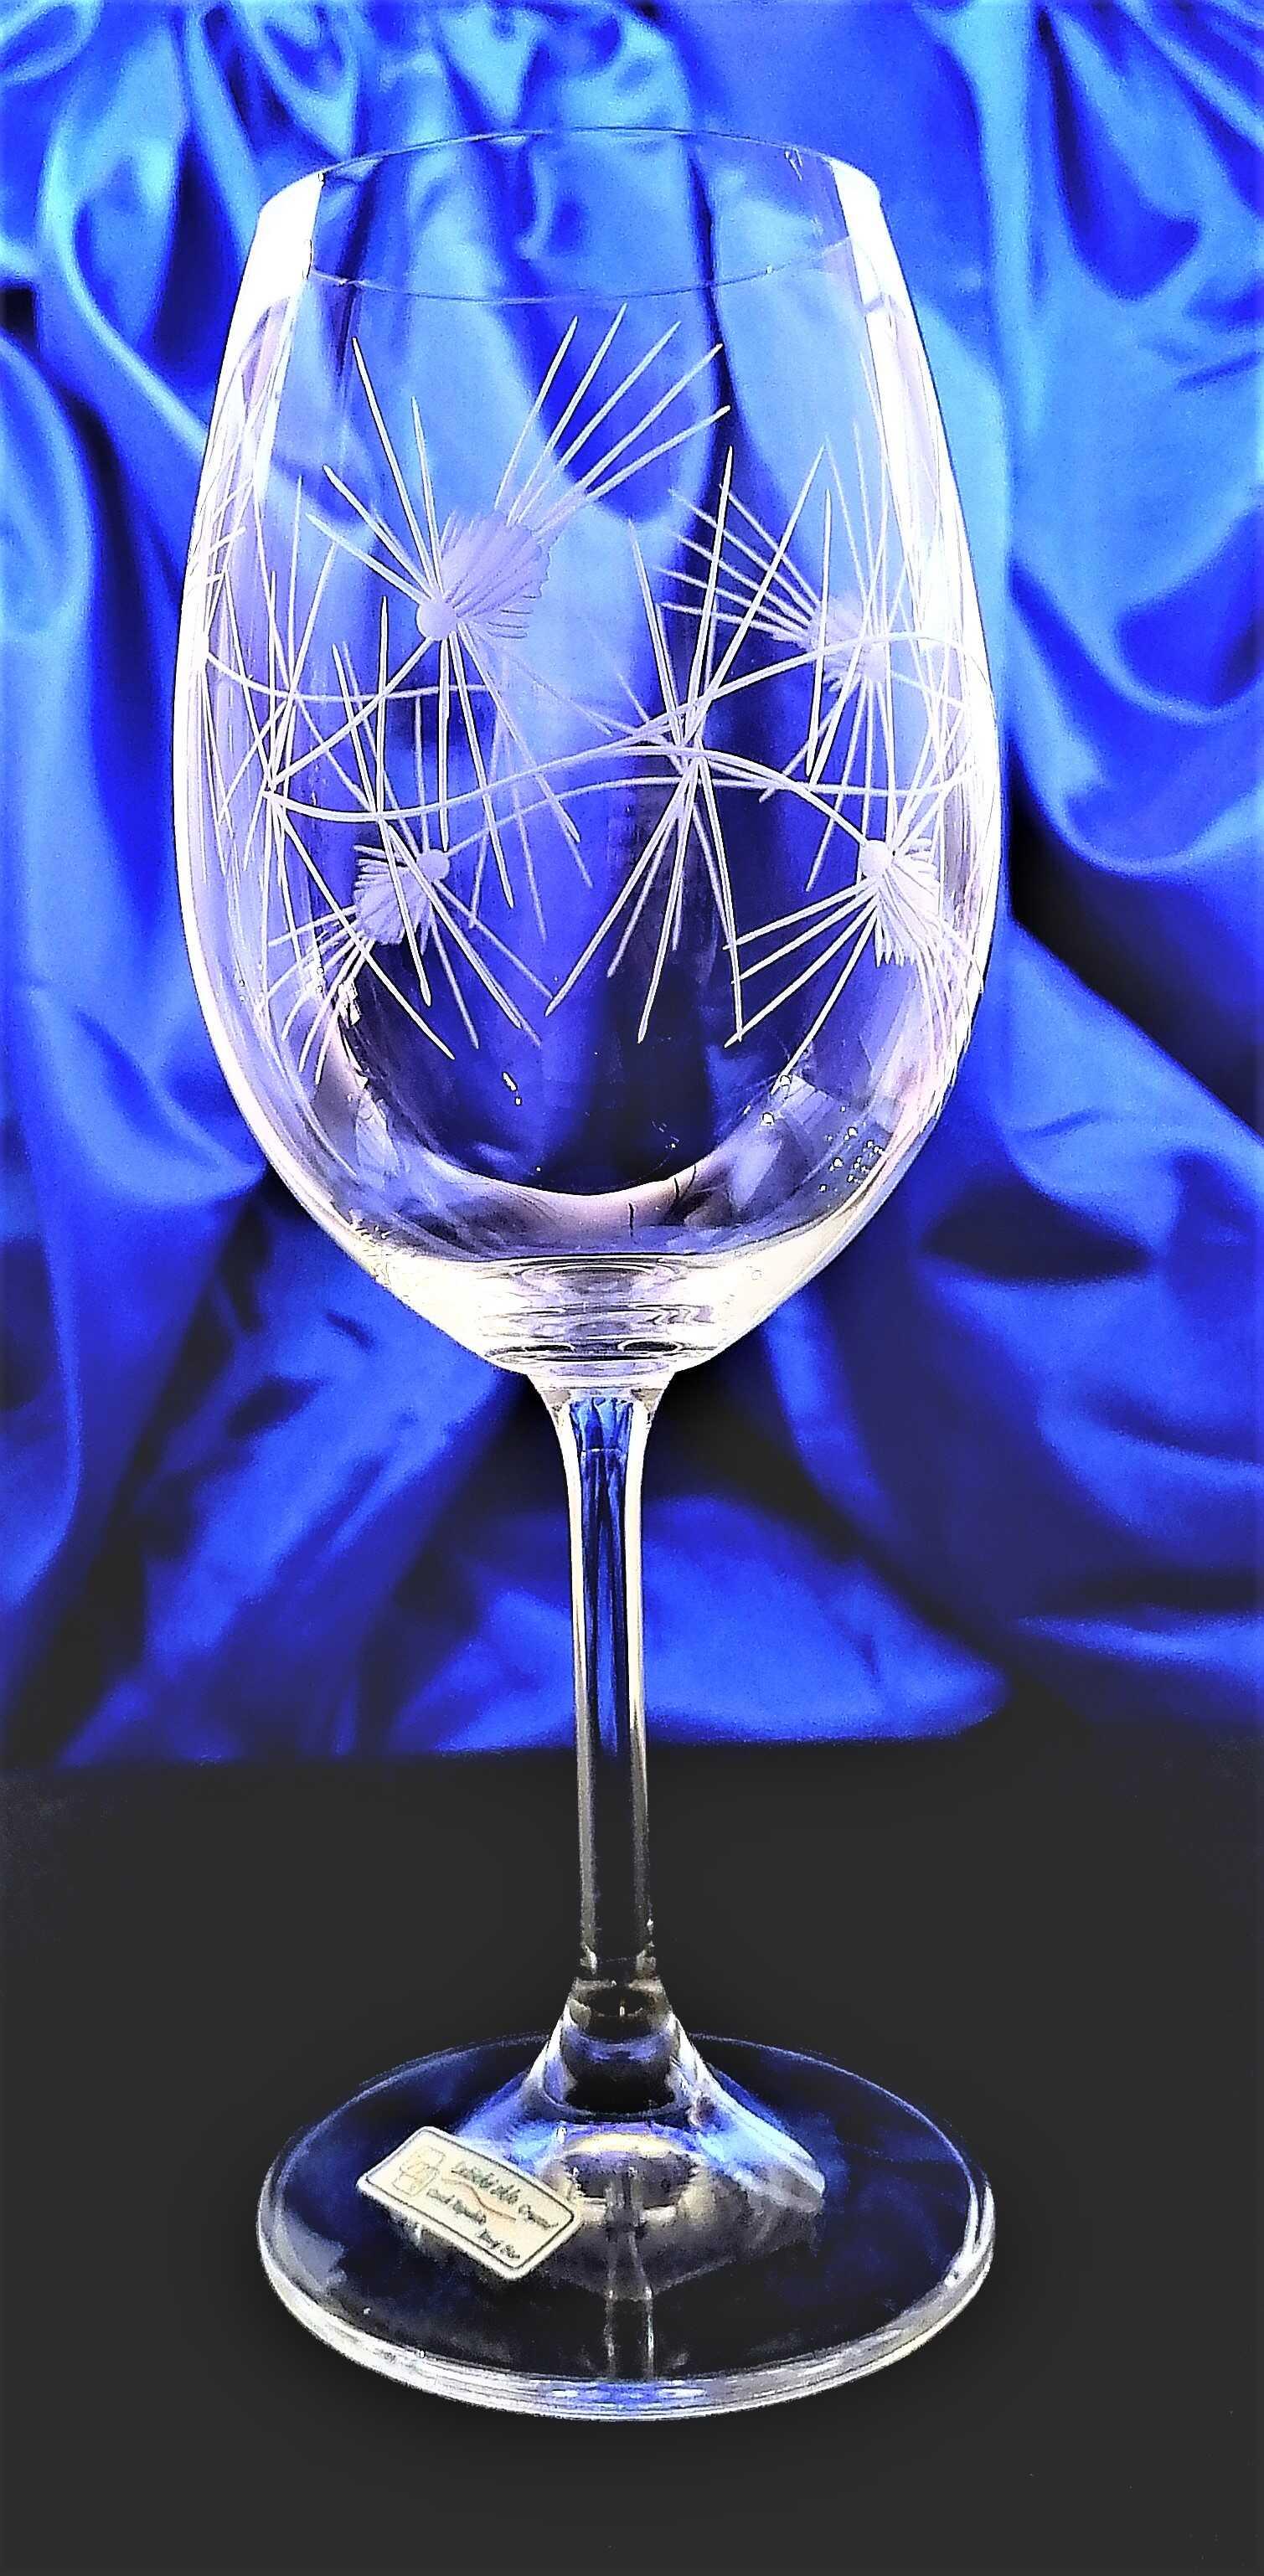 Lužické sklo LsG Nový Bor LsG-Crystal Skleničky broušené/ryté na bílé/červené víno Bodlák WW-278 350 ml 6 Ks.